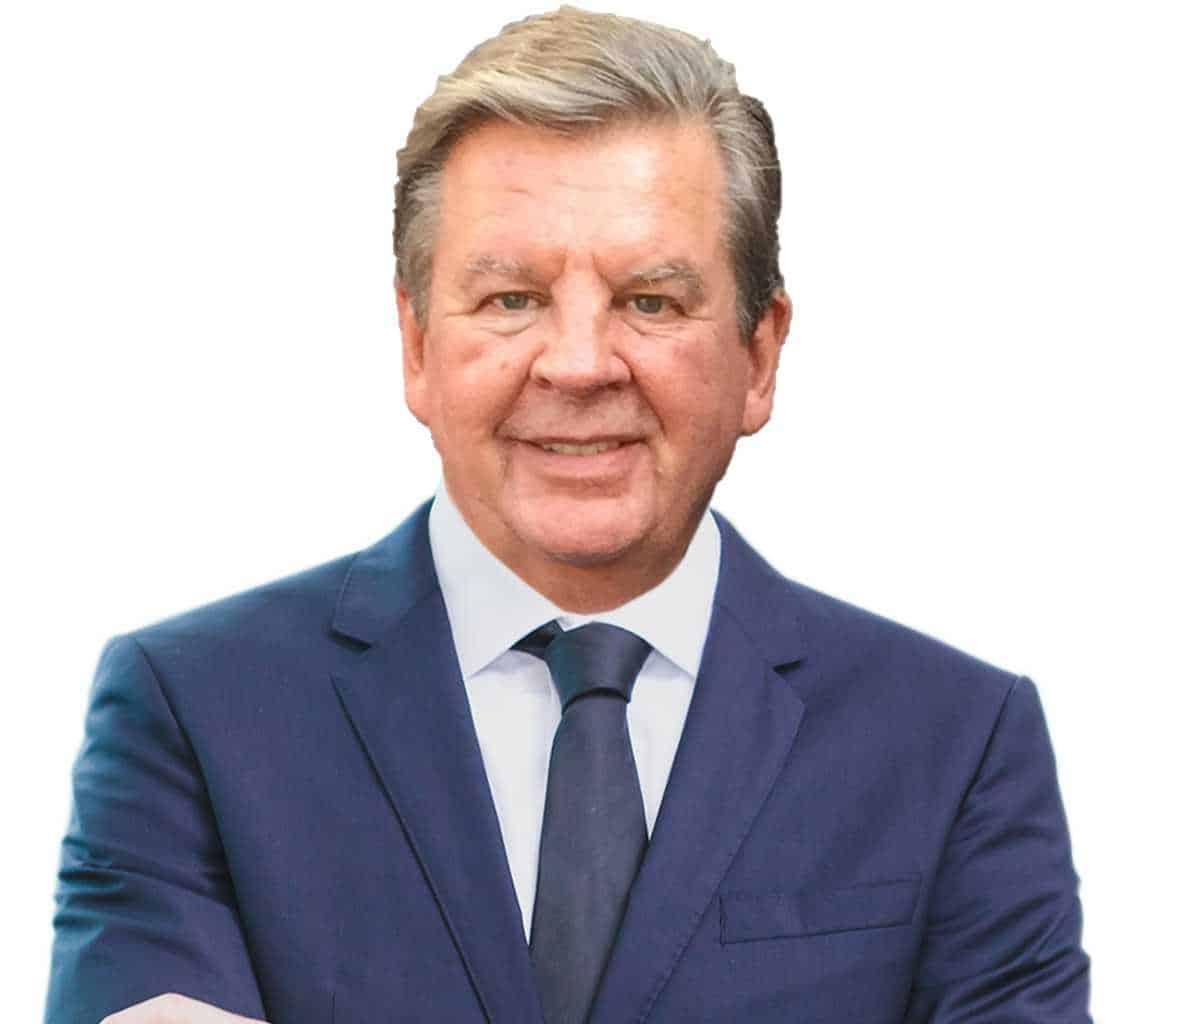 Mit dem Richemont-Konzern dirigiert der Südafrikaner Johann Rupert einen ganzen Uhrenkosmos.